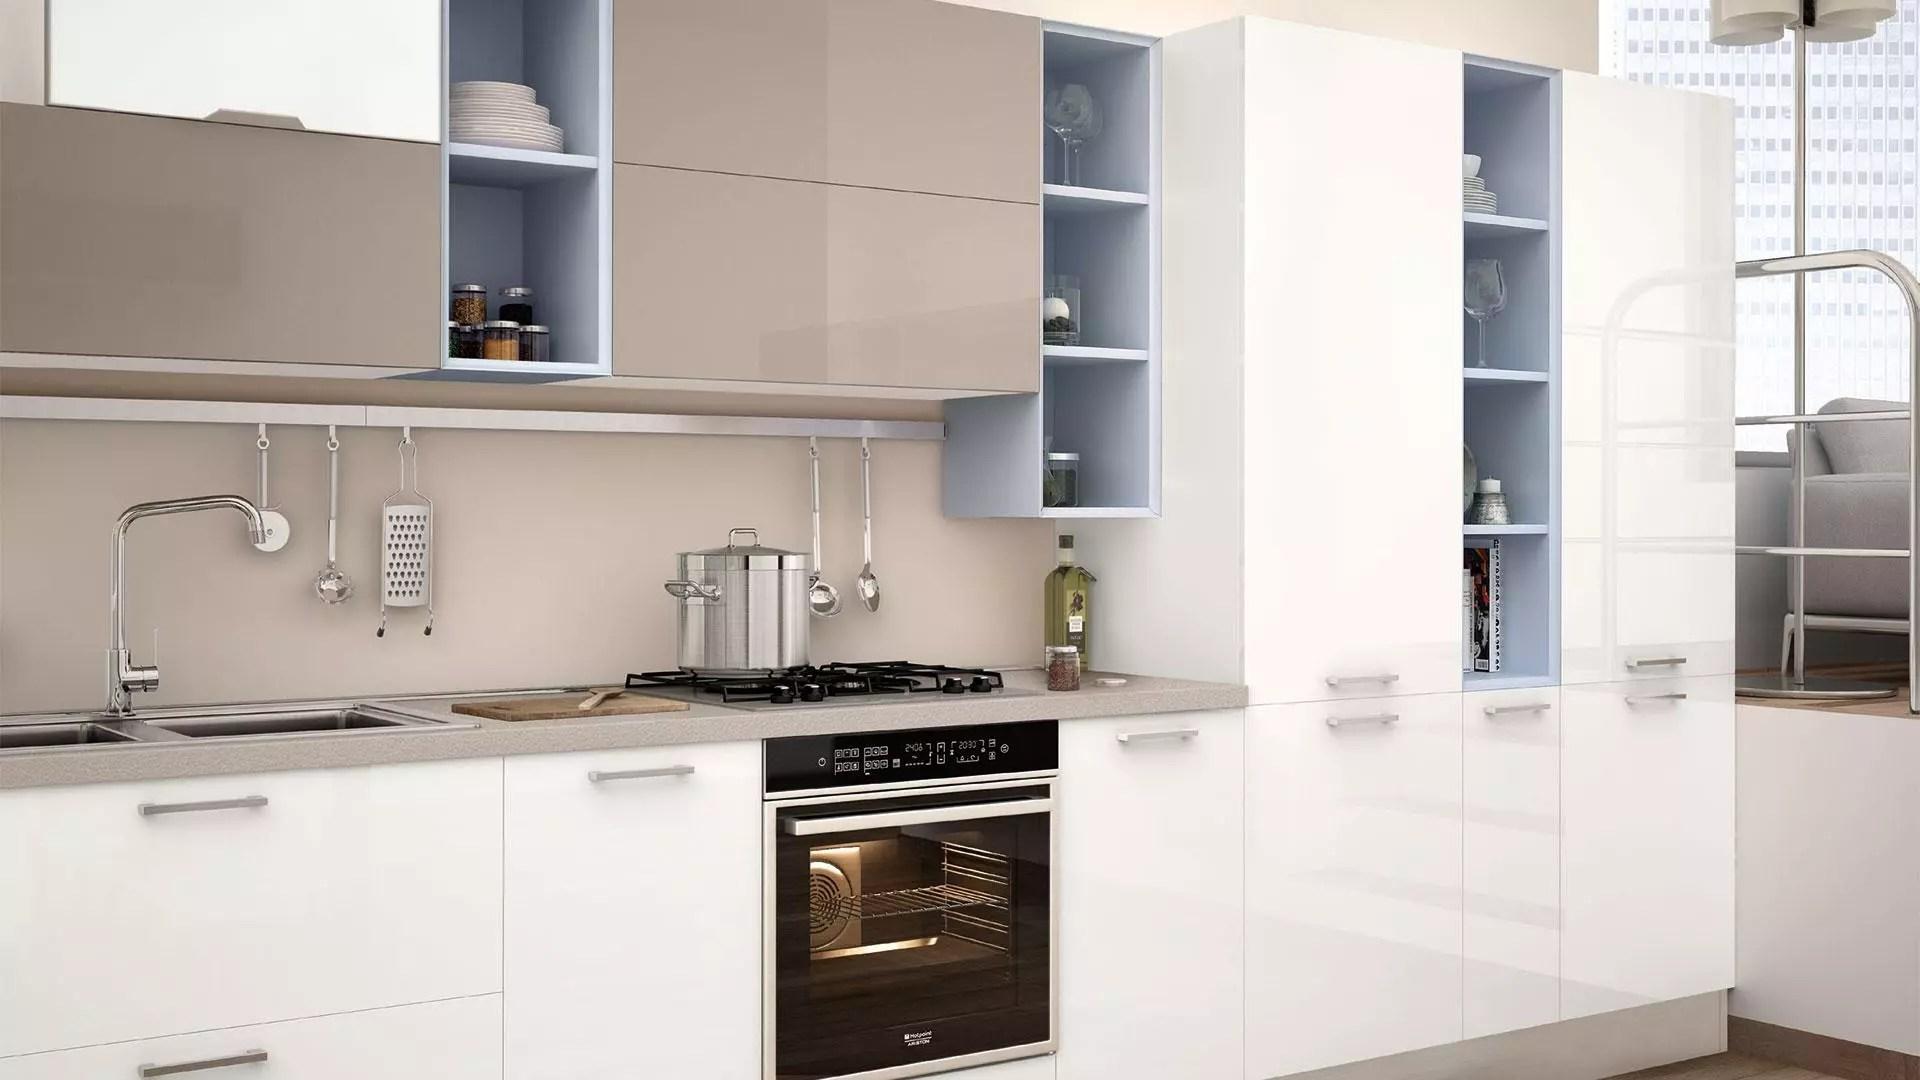 Paraschizzi per la cucina materiale e consigli per la scelta  Lube Store Milano  Le Cucine